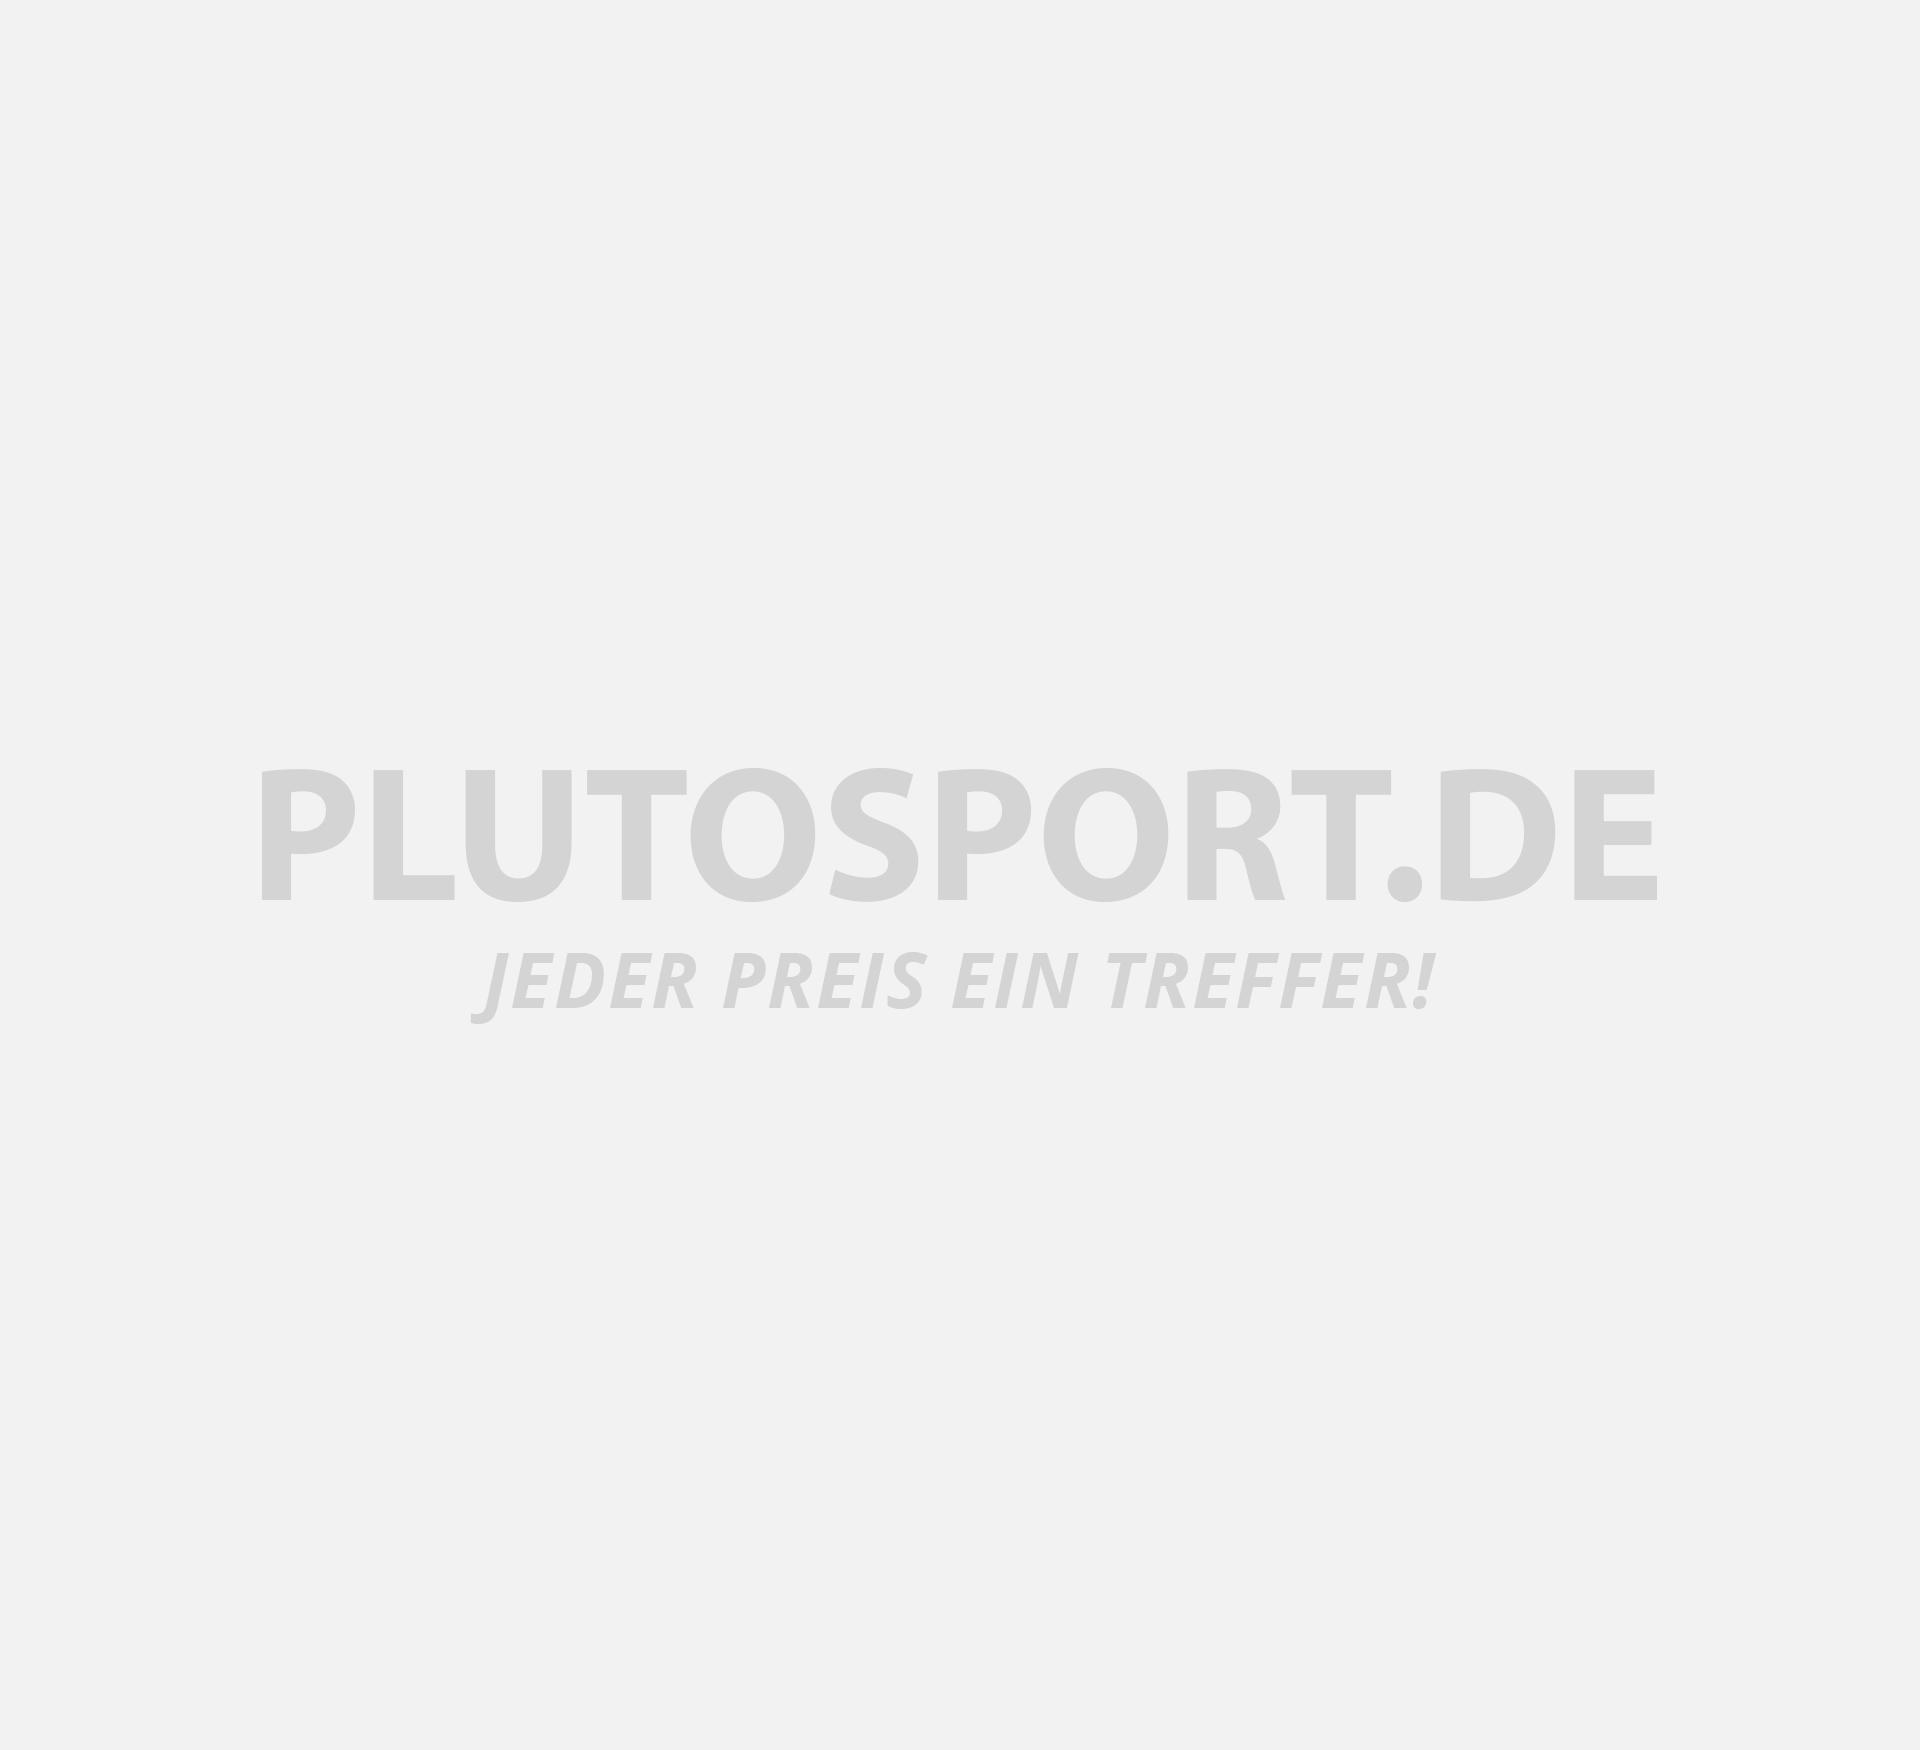 Diesel Shawn Boxershorts (3-pack)